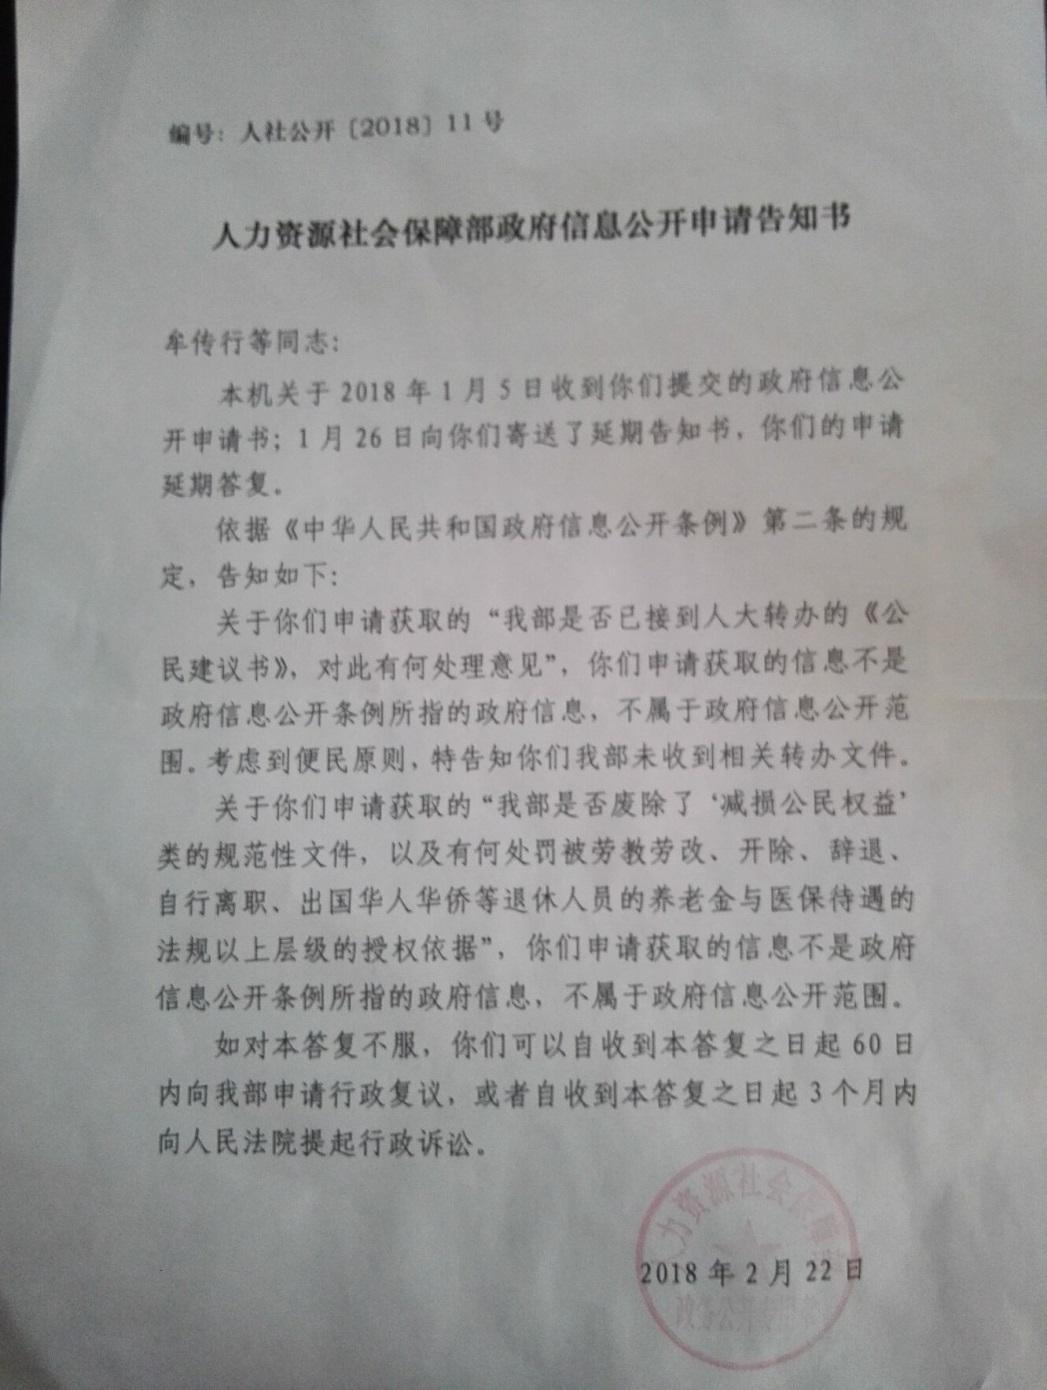 C:\Users\muchuanheng\Desktop\7A7B87234908285382376DE40DCFBD47.jpg